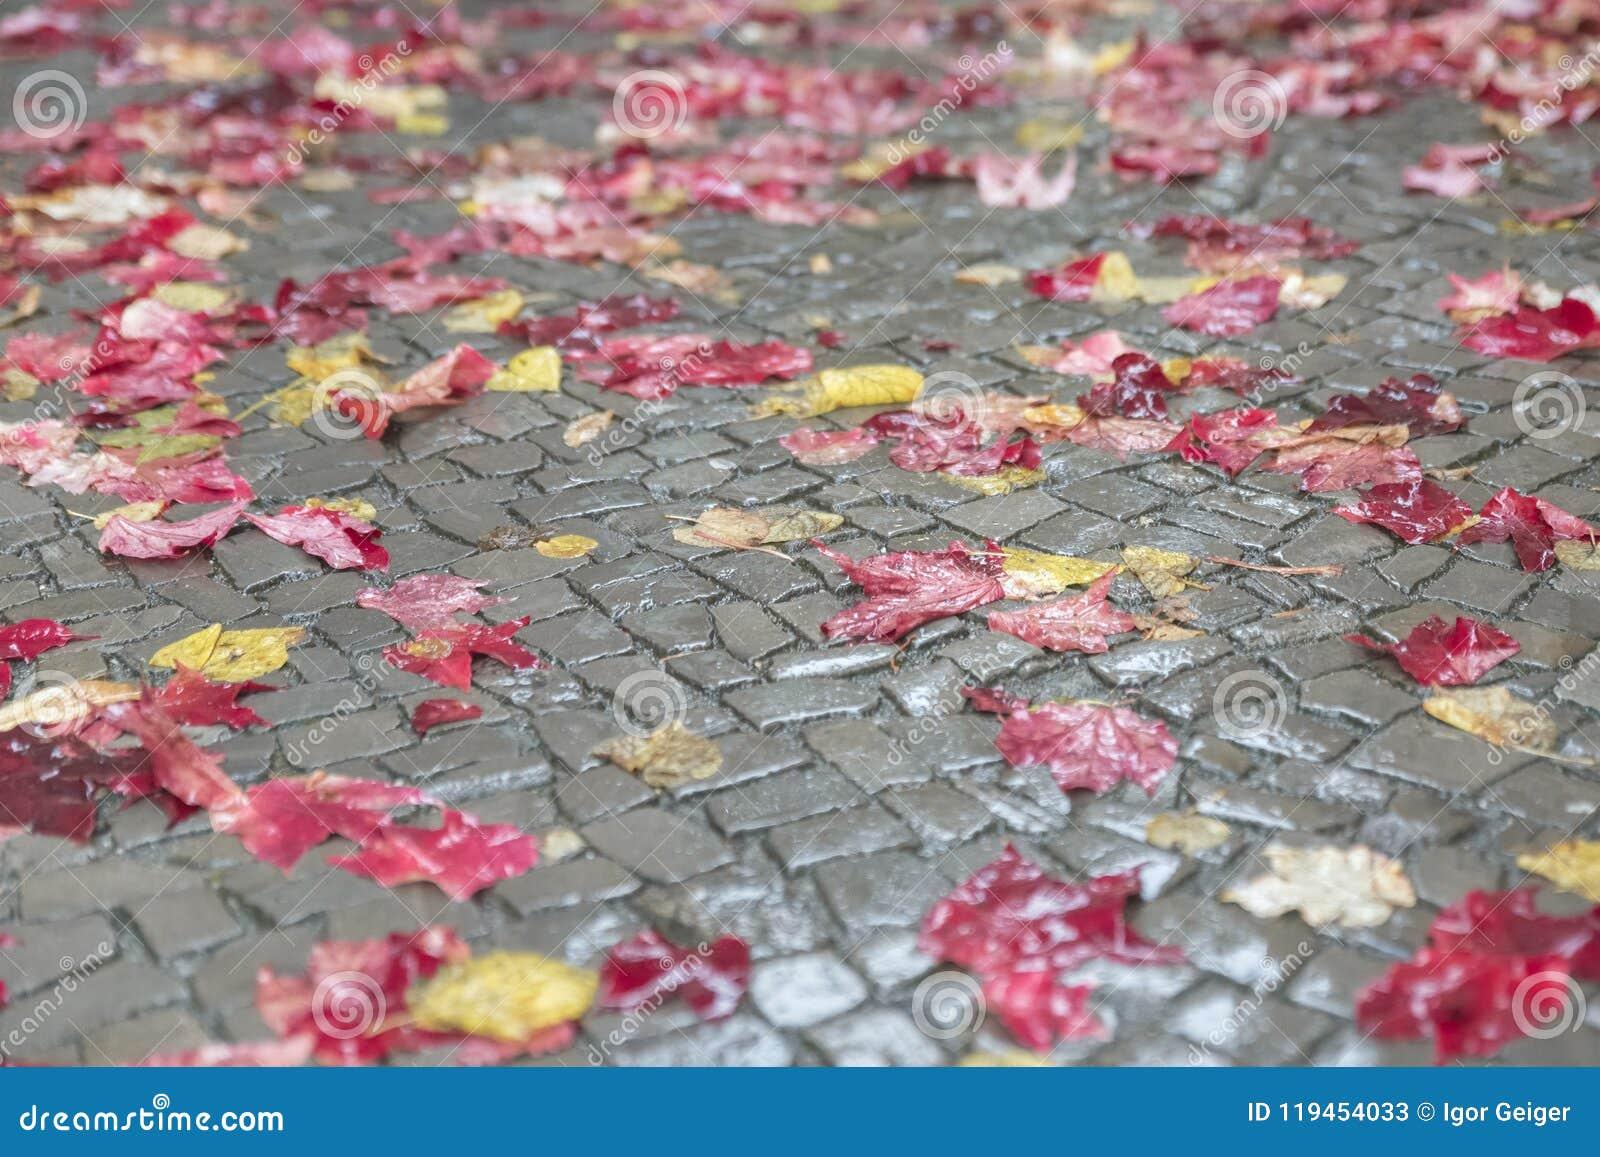 Röda och gula höstsidor ligger beautifully på en våt trottoar I